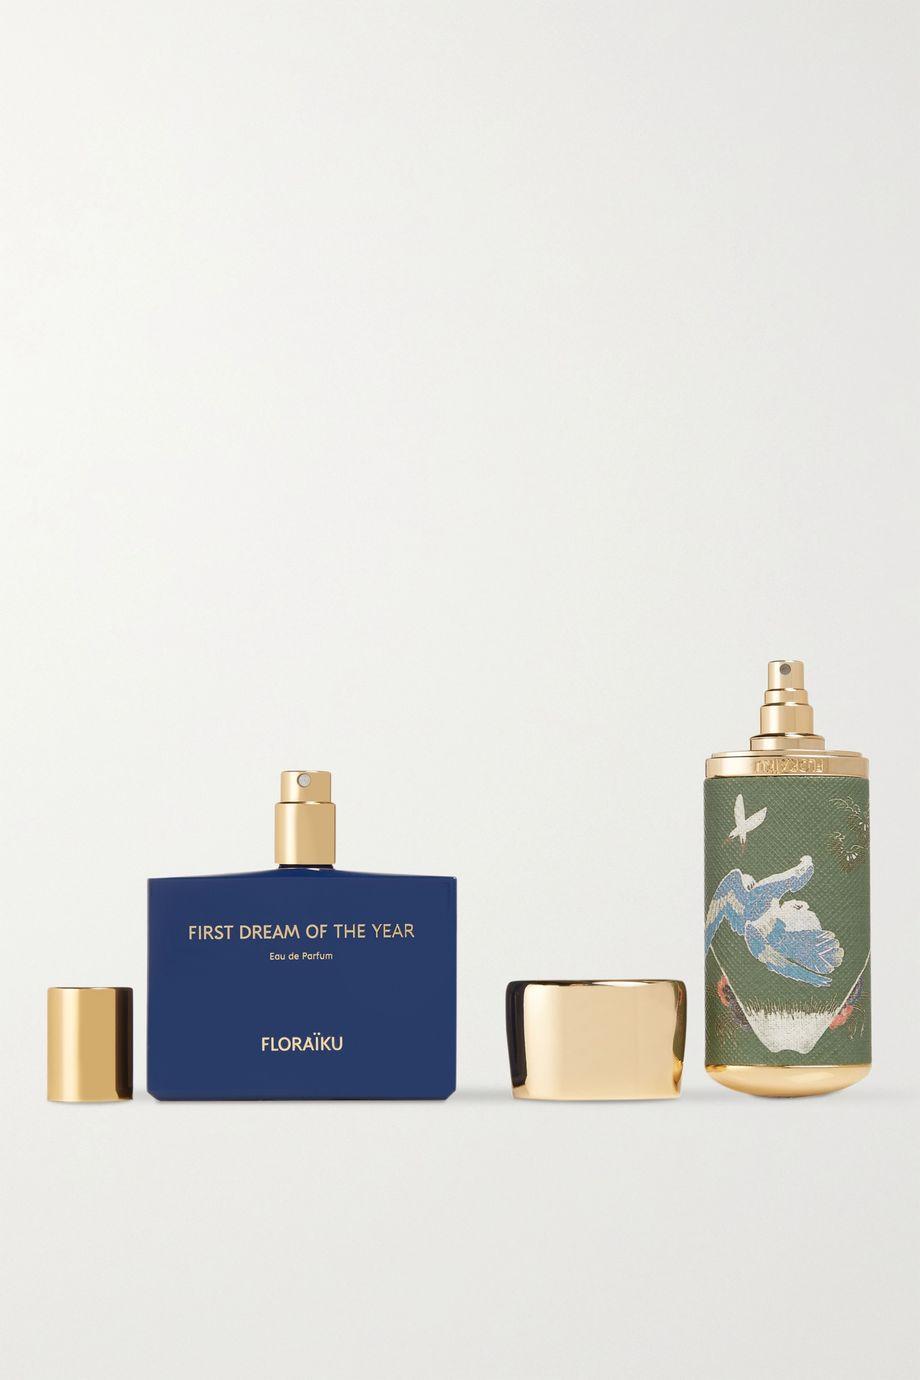 Floraiku First Dream of the Year Eau de Parfum, 50ml & 10ml